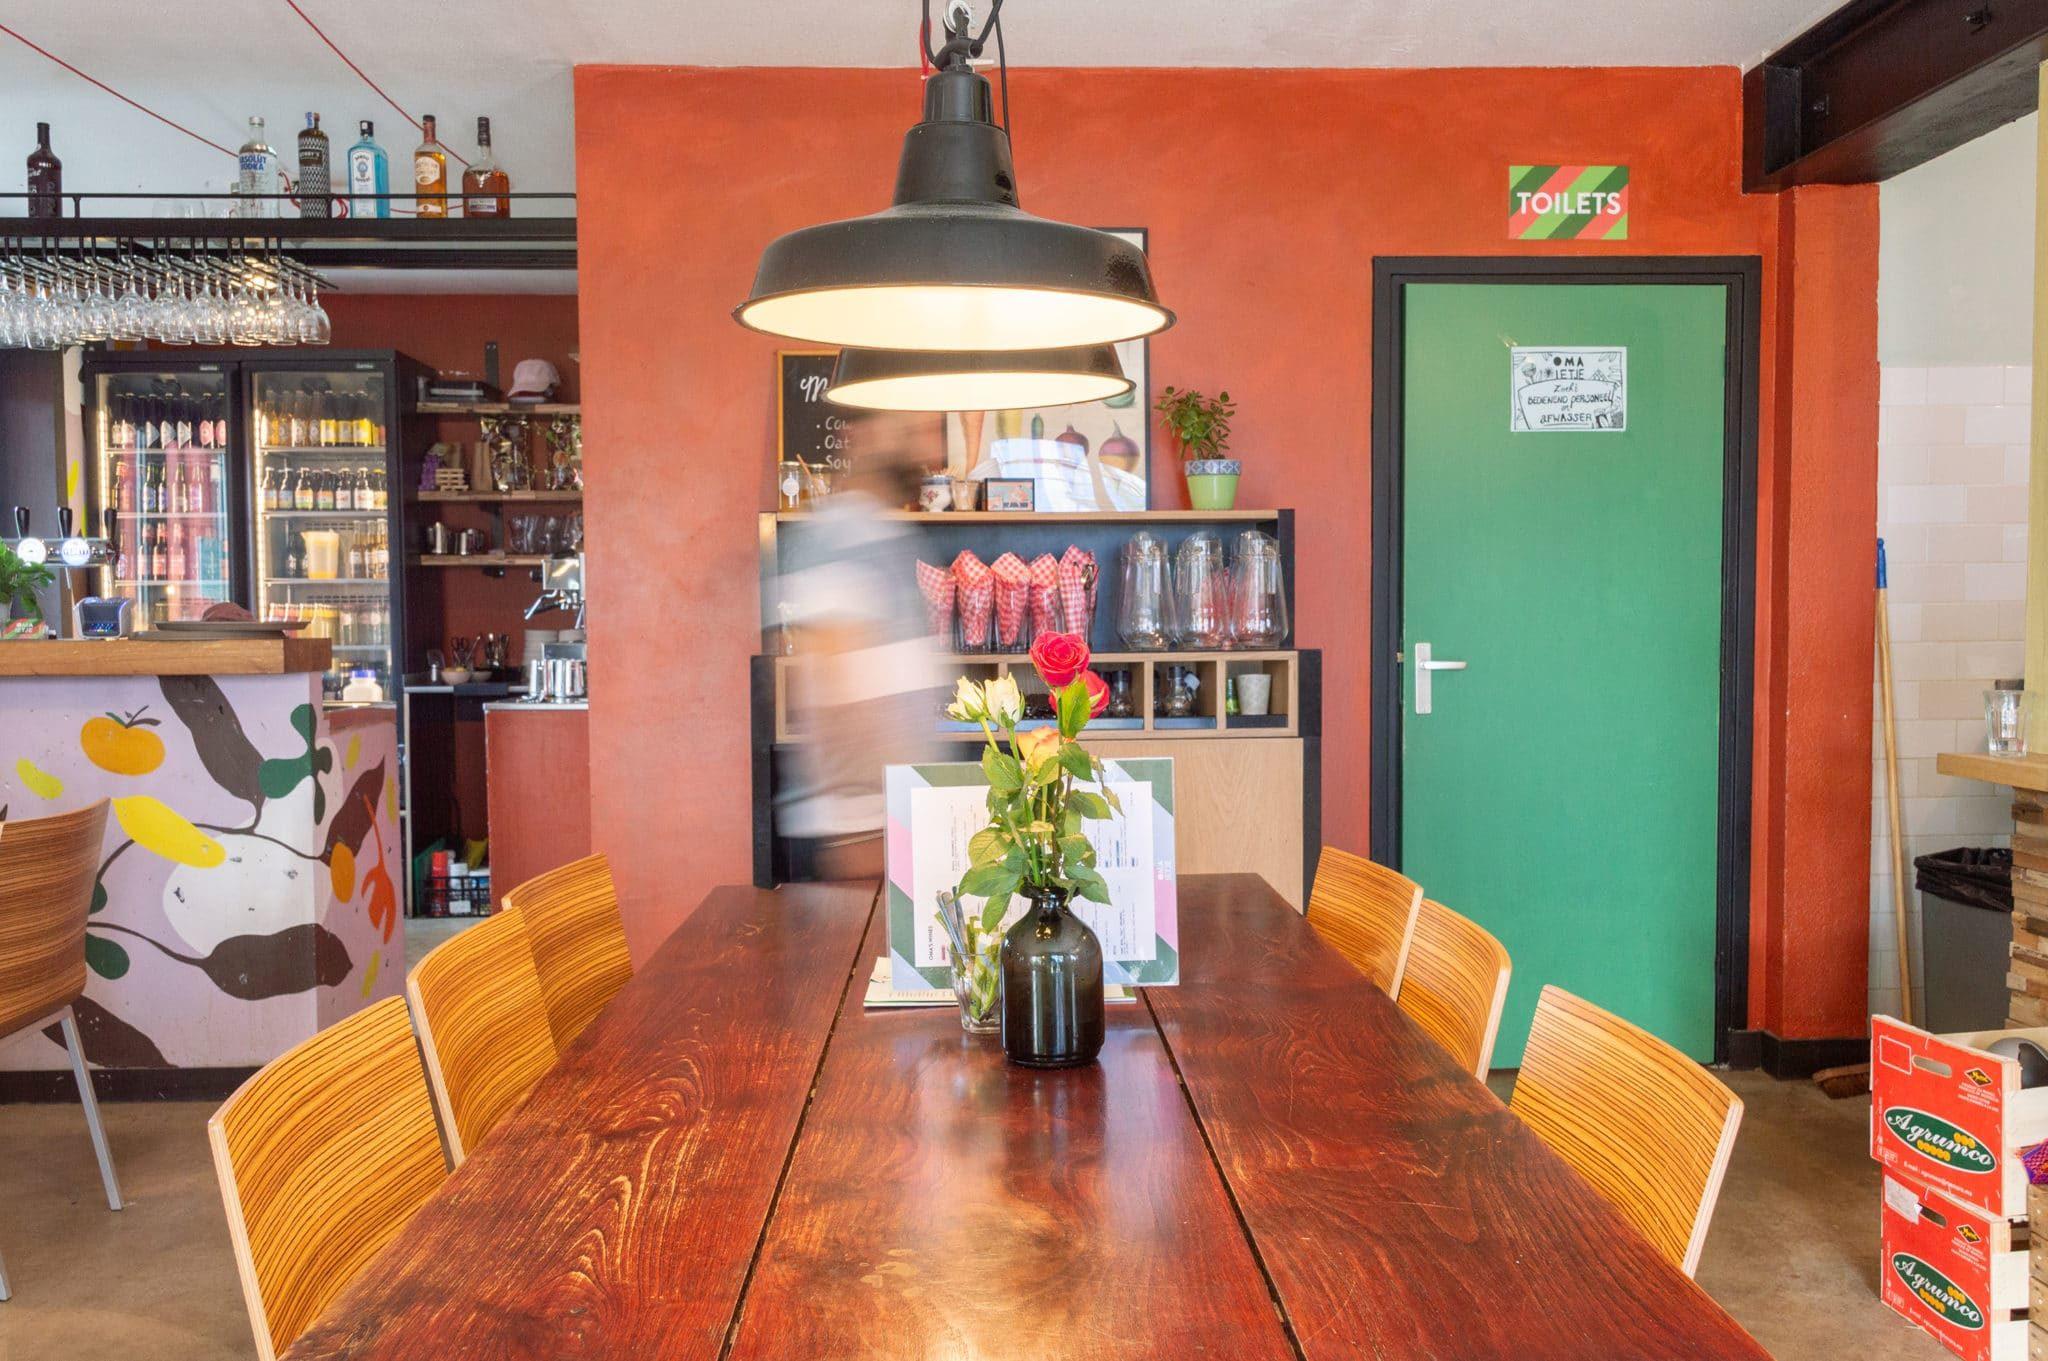 interieur update container restaurant Amsterdam zuid